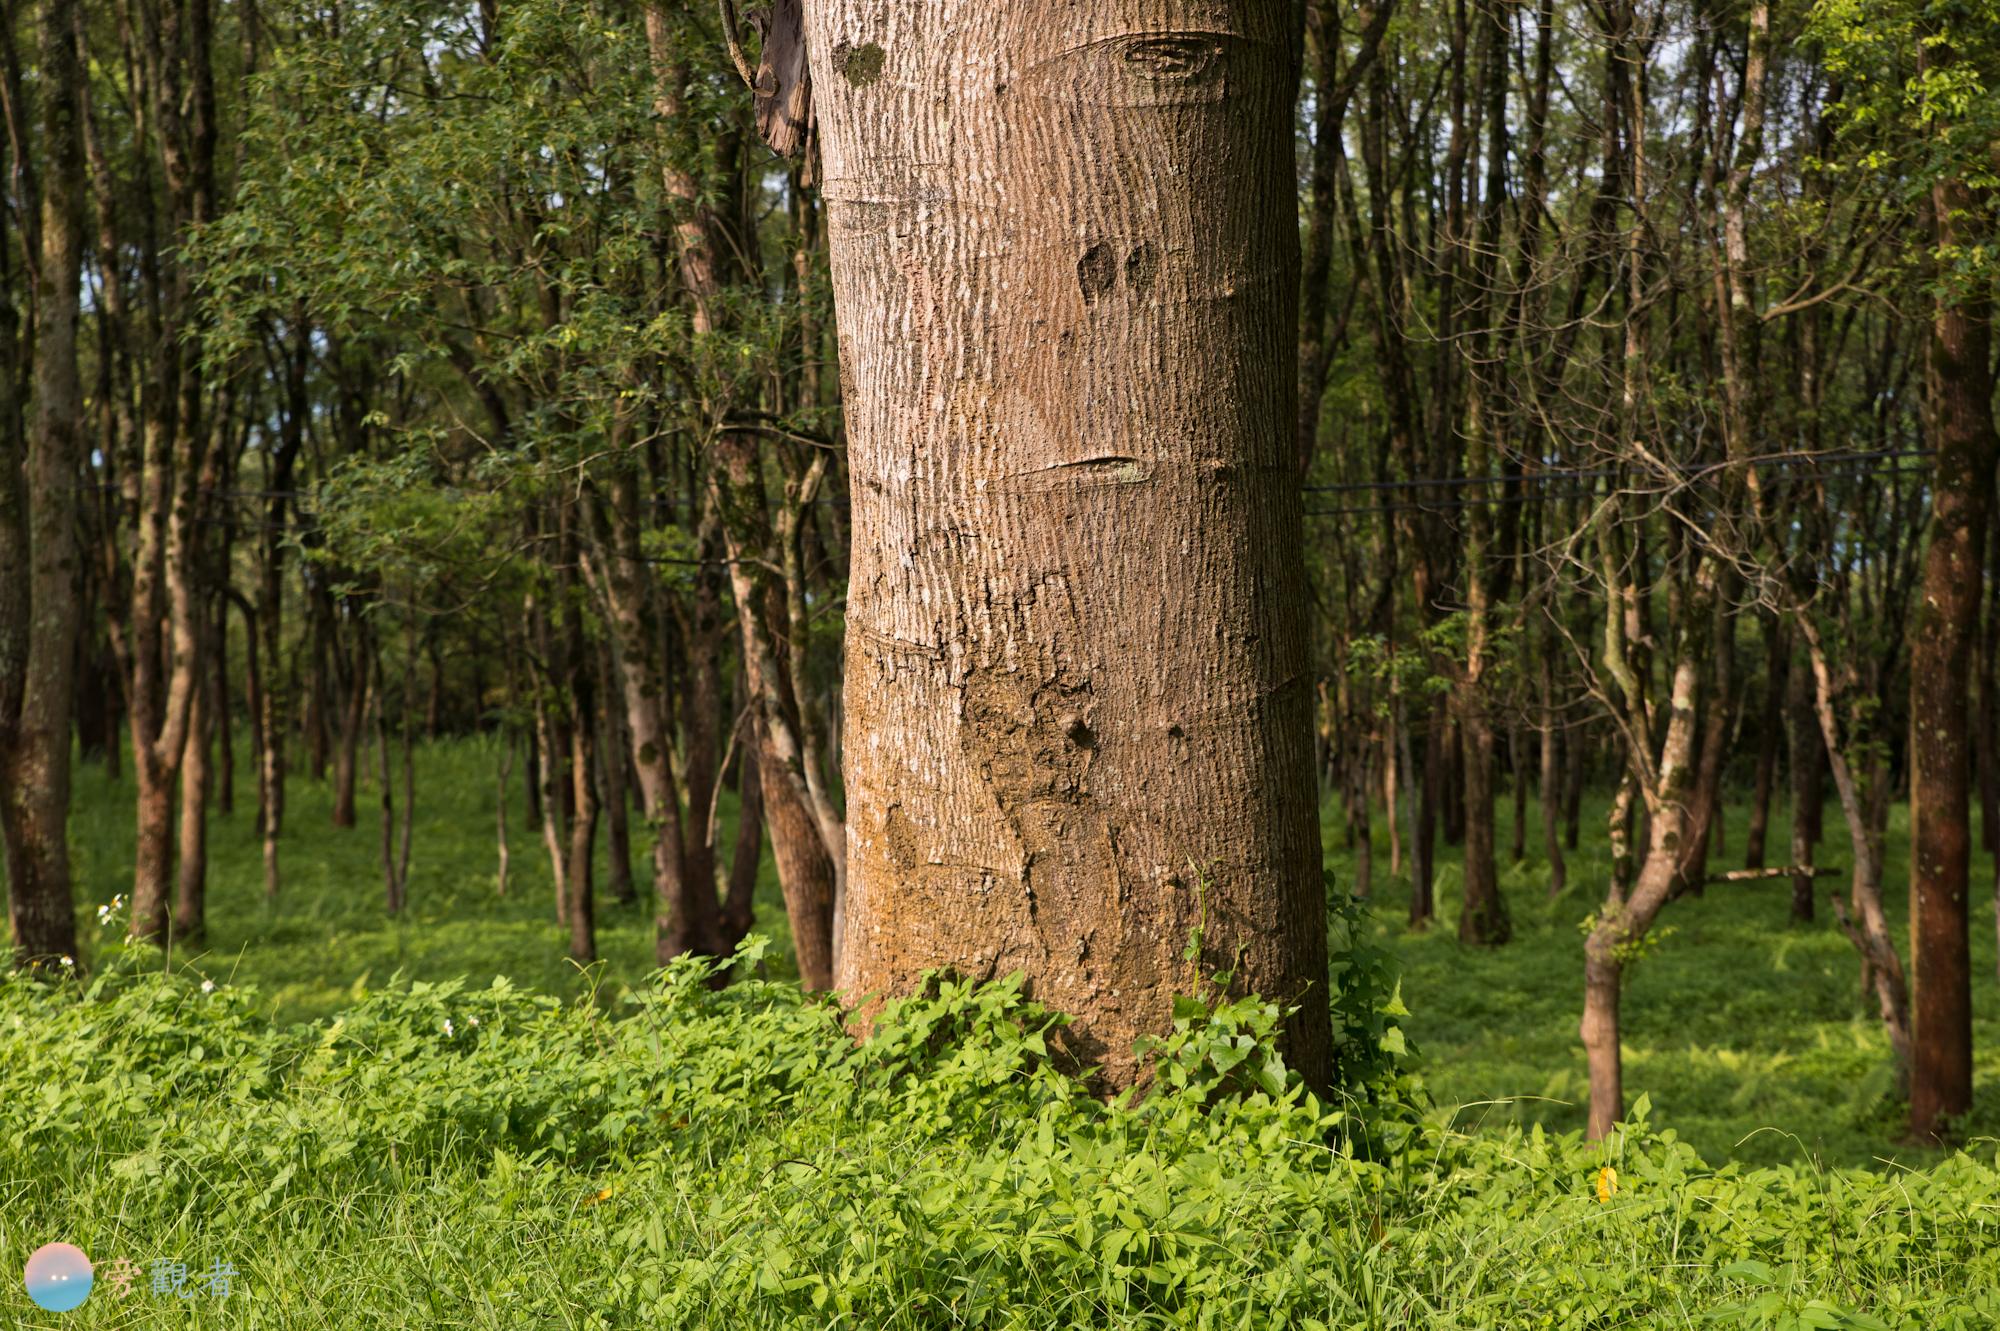 暨南大學校園的森林。南投埔里南村